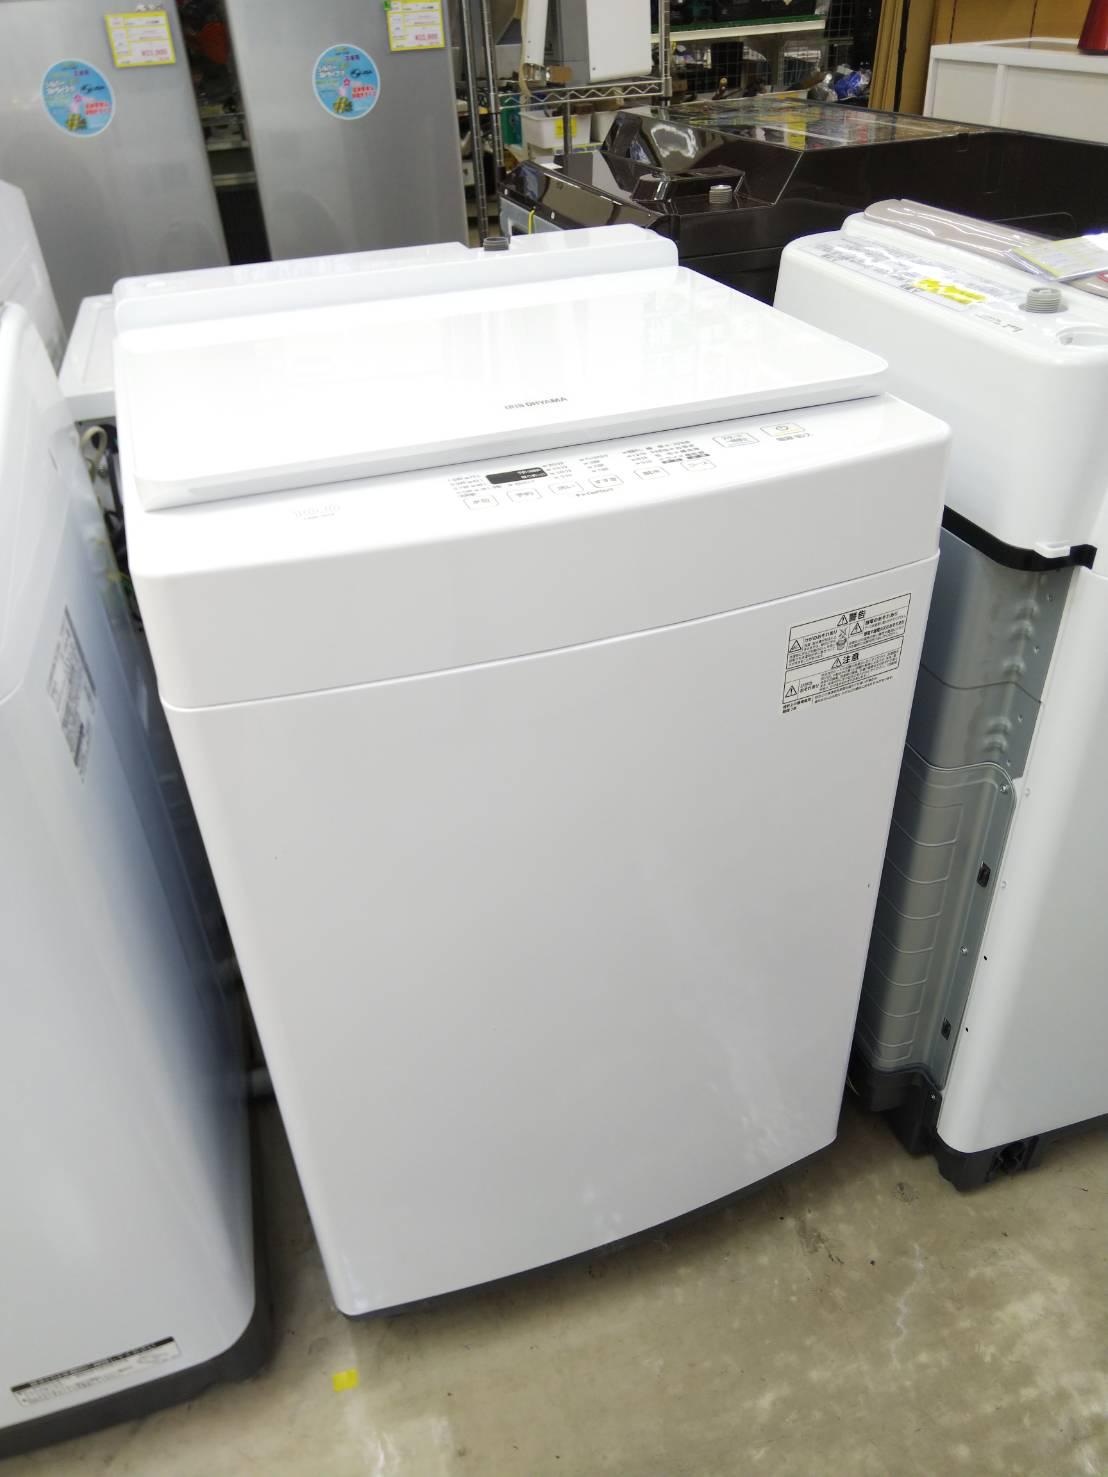 【IRIS OHYAMA アイリスオーヤマ 10kg洗濯機 PAW-101E 2019年式】を買取いたしました!の買取-